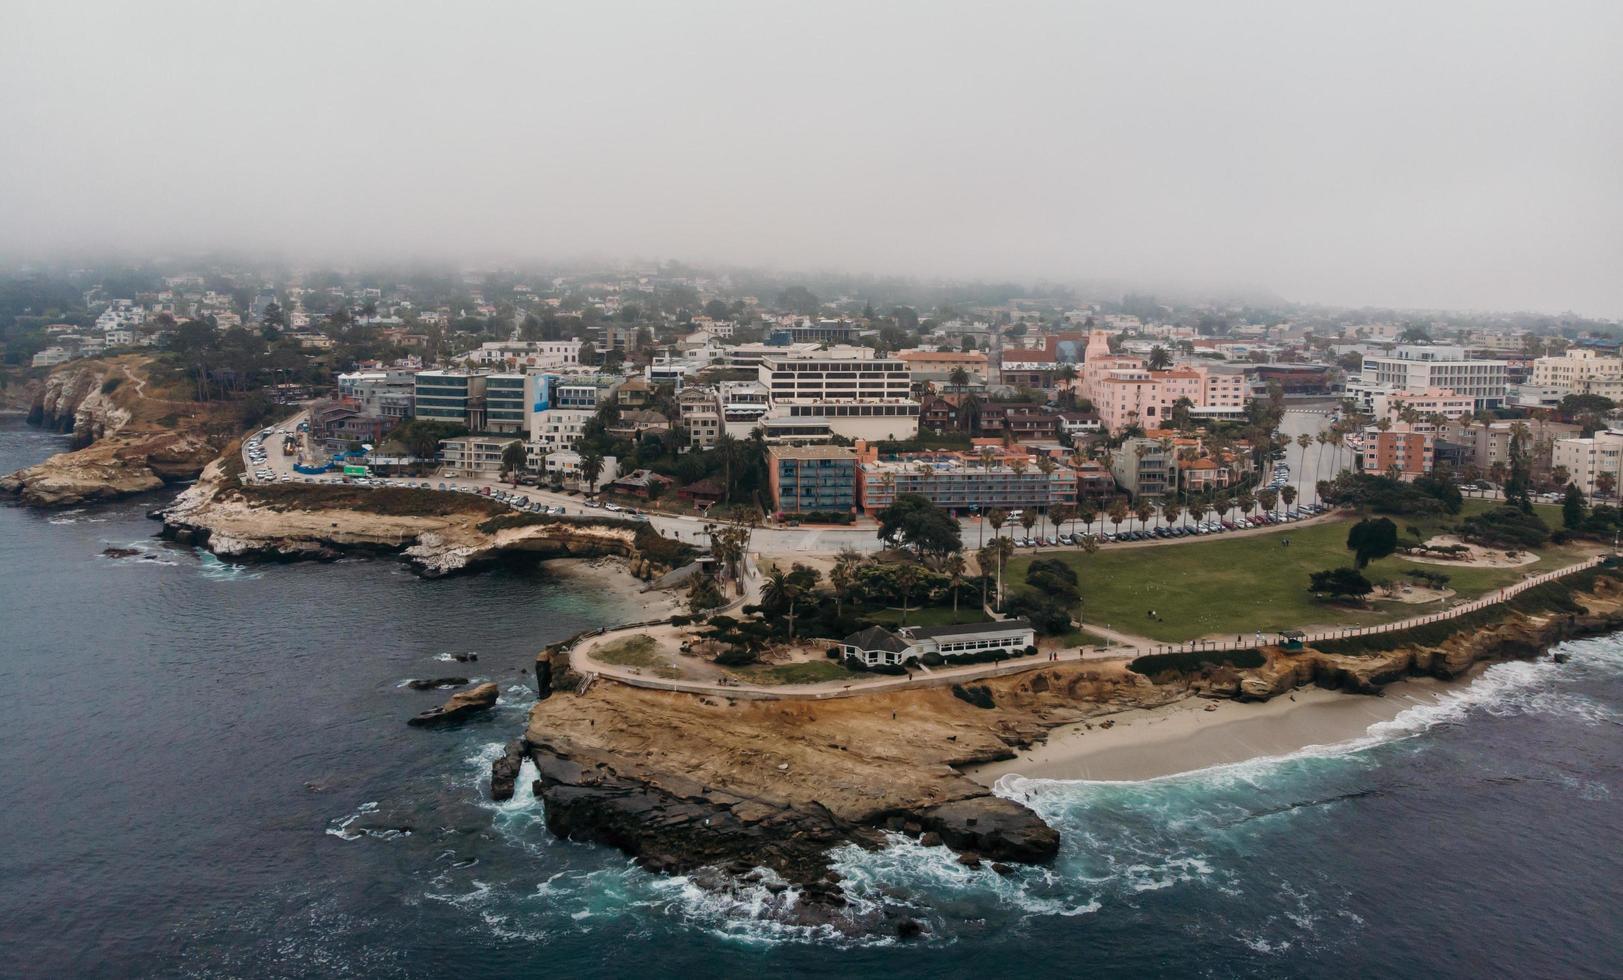 fotografia aérea de edifícios costeiros foto